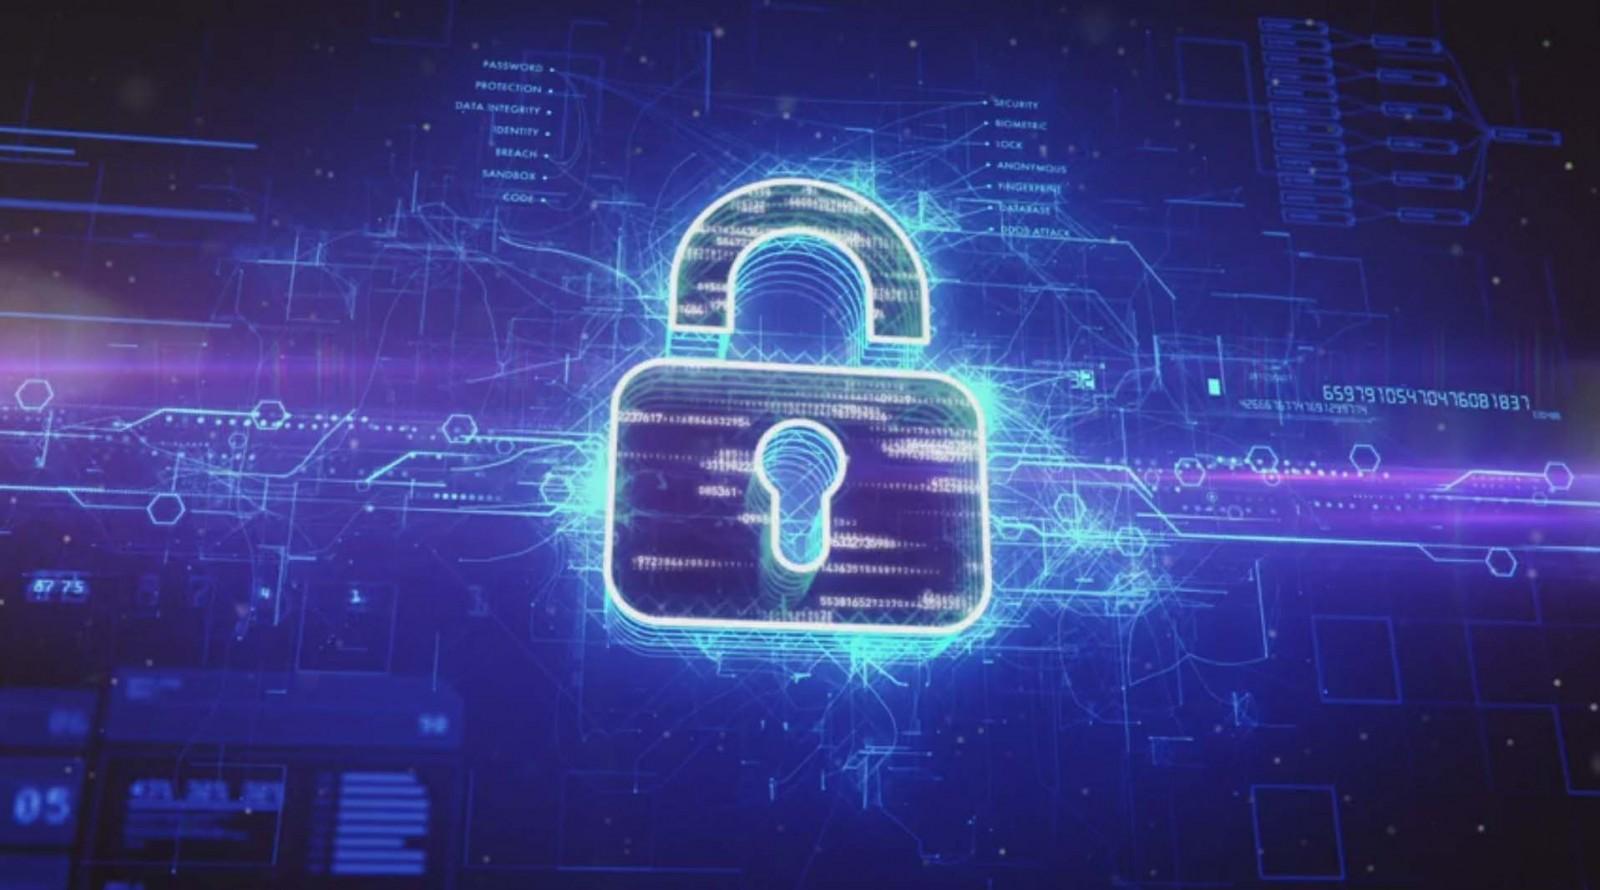 Глобальный мир. О шифровании и анонимности цифровых сообщений